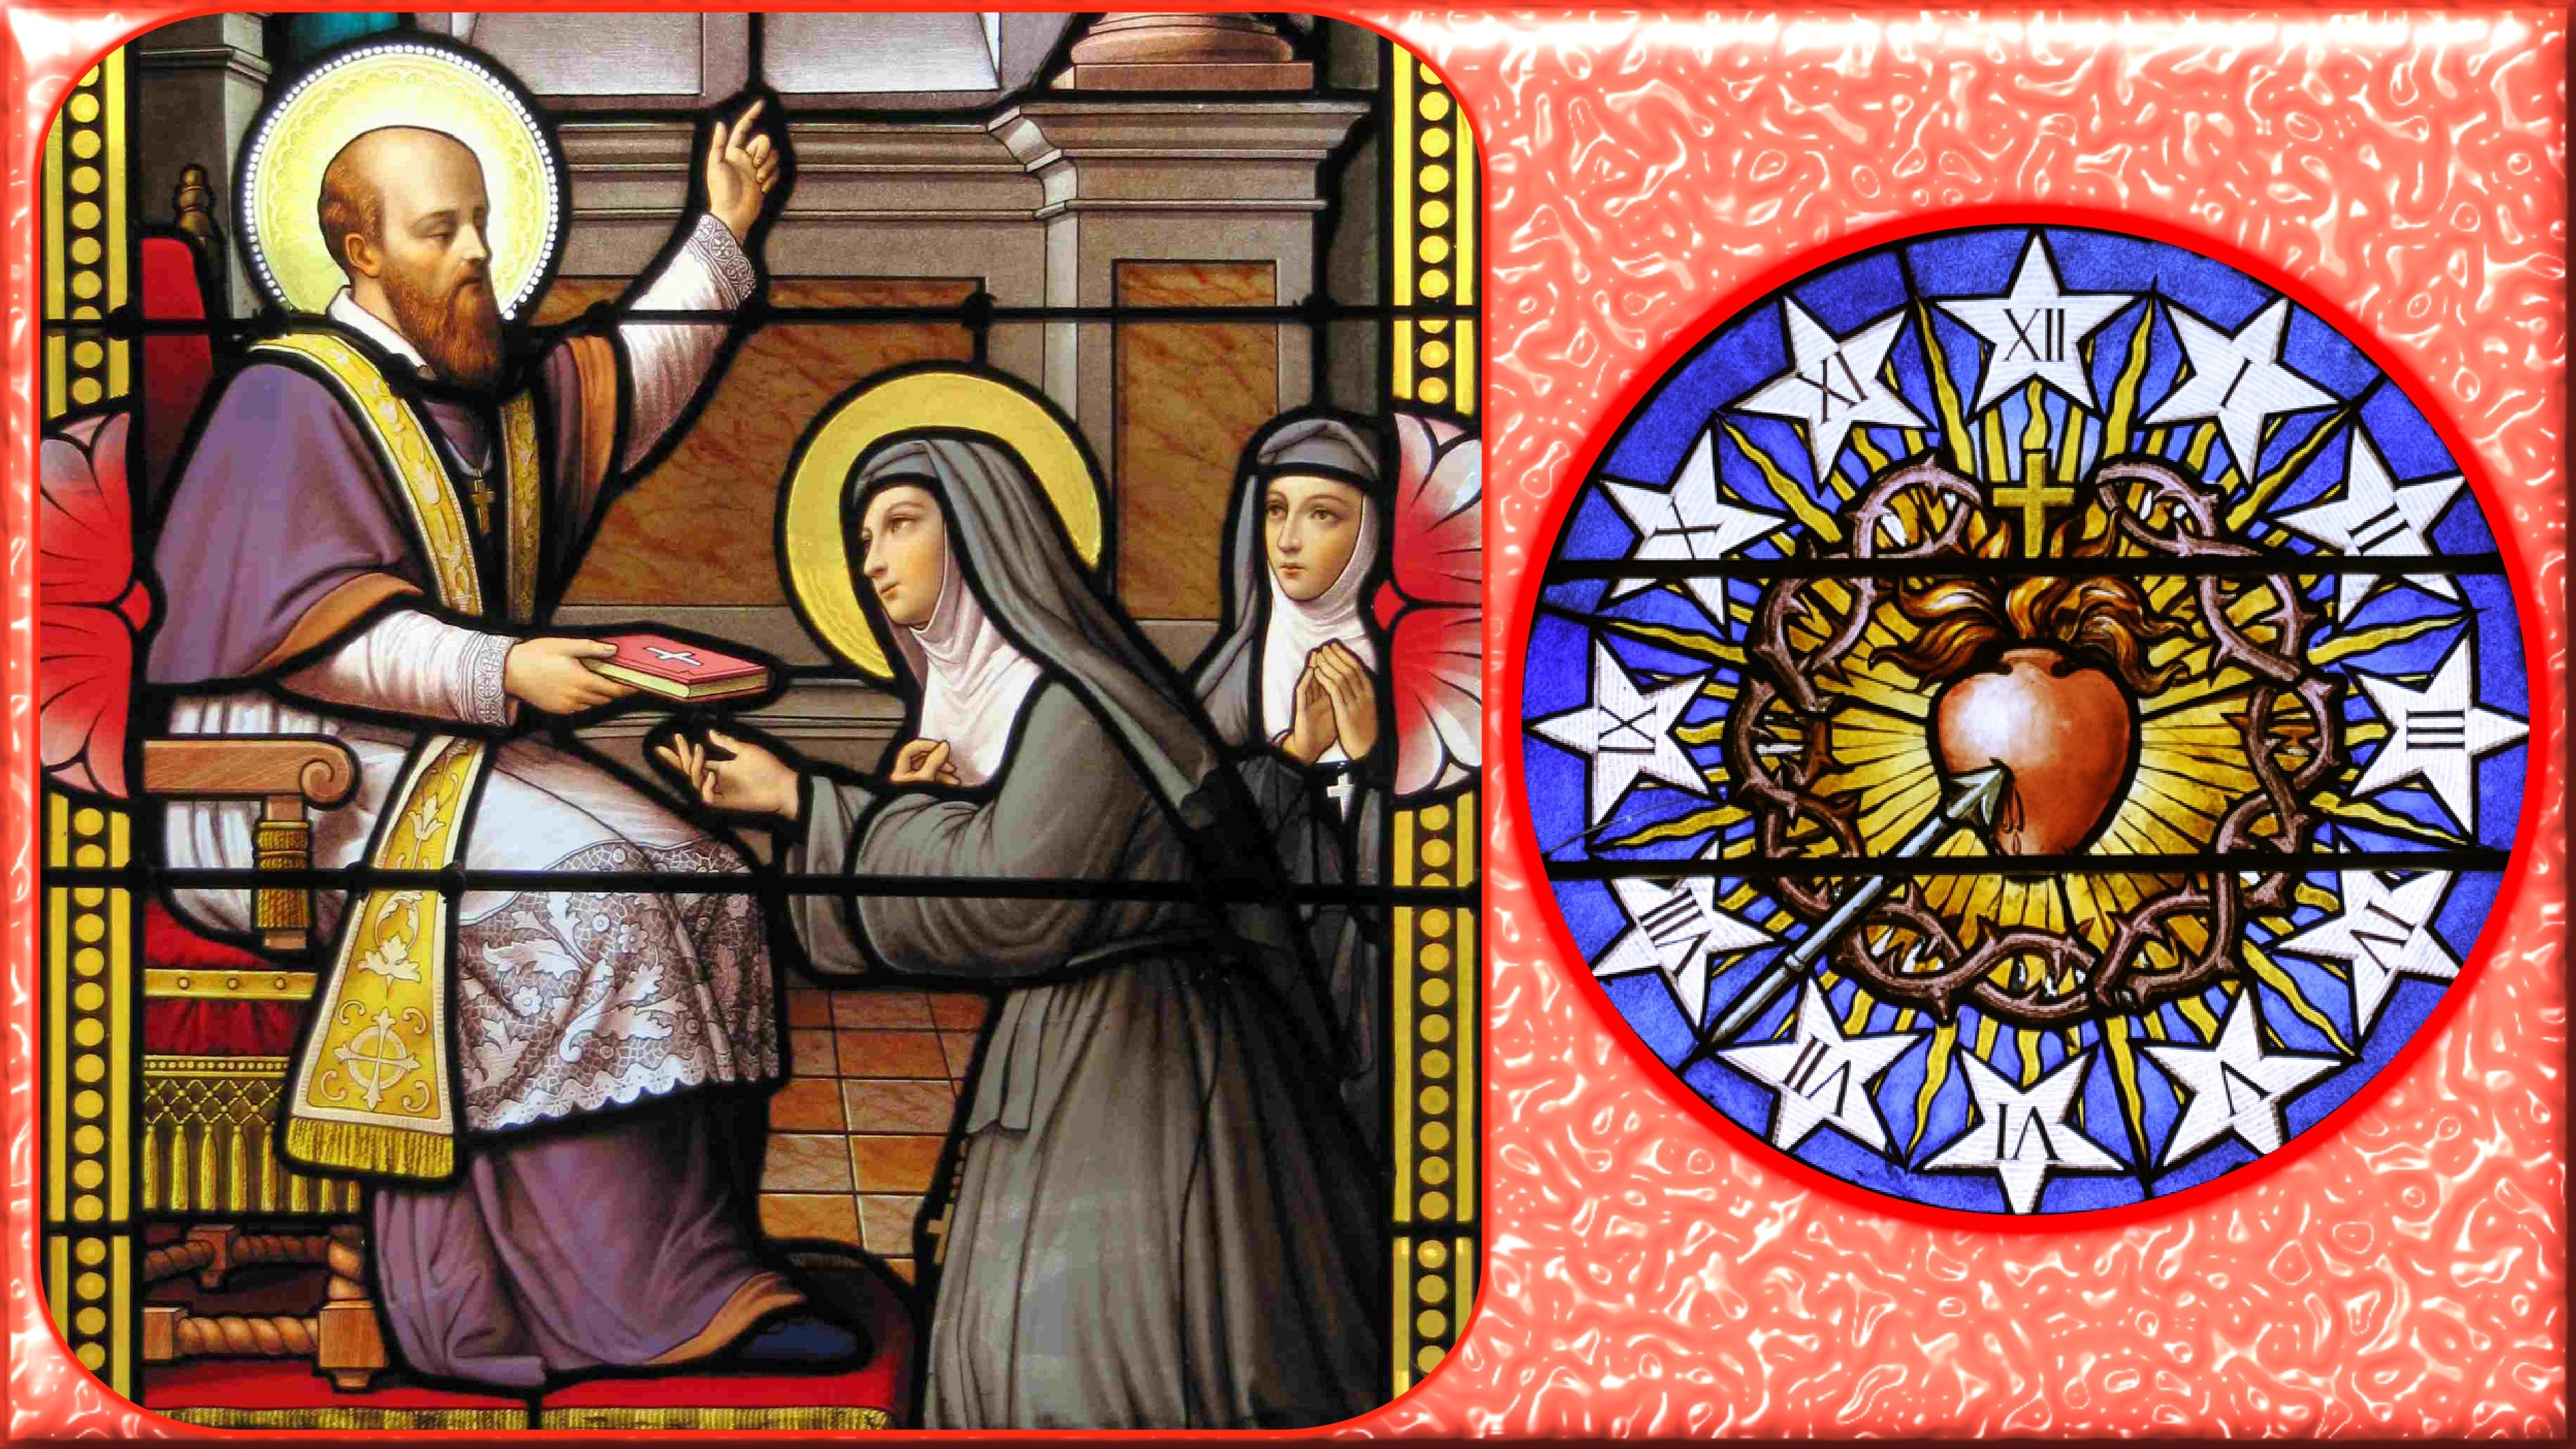 CALENDRIER CATHOLIQUE 2019 (Cantiques, Prières & Images) - Page 6 St-fran-ois-de-sa...-chantal-55ae4da